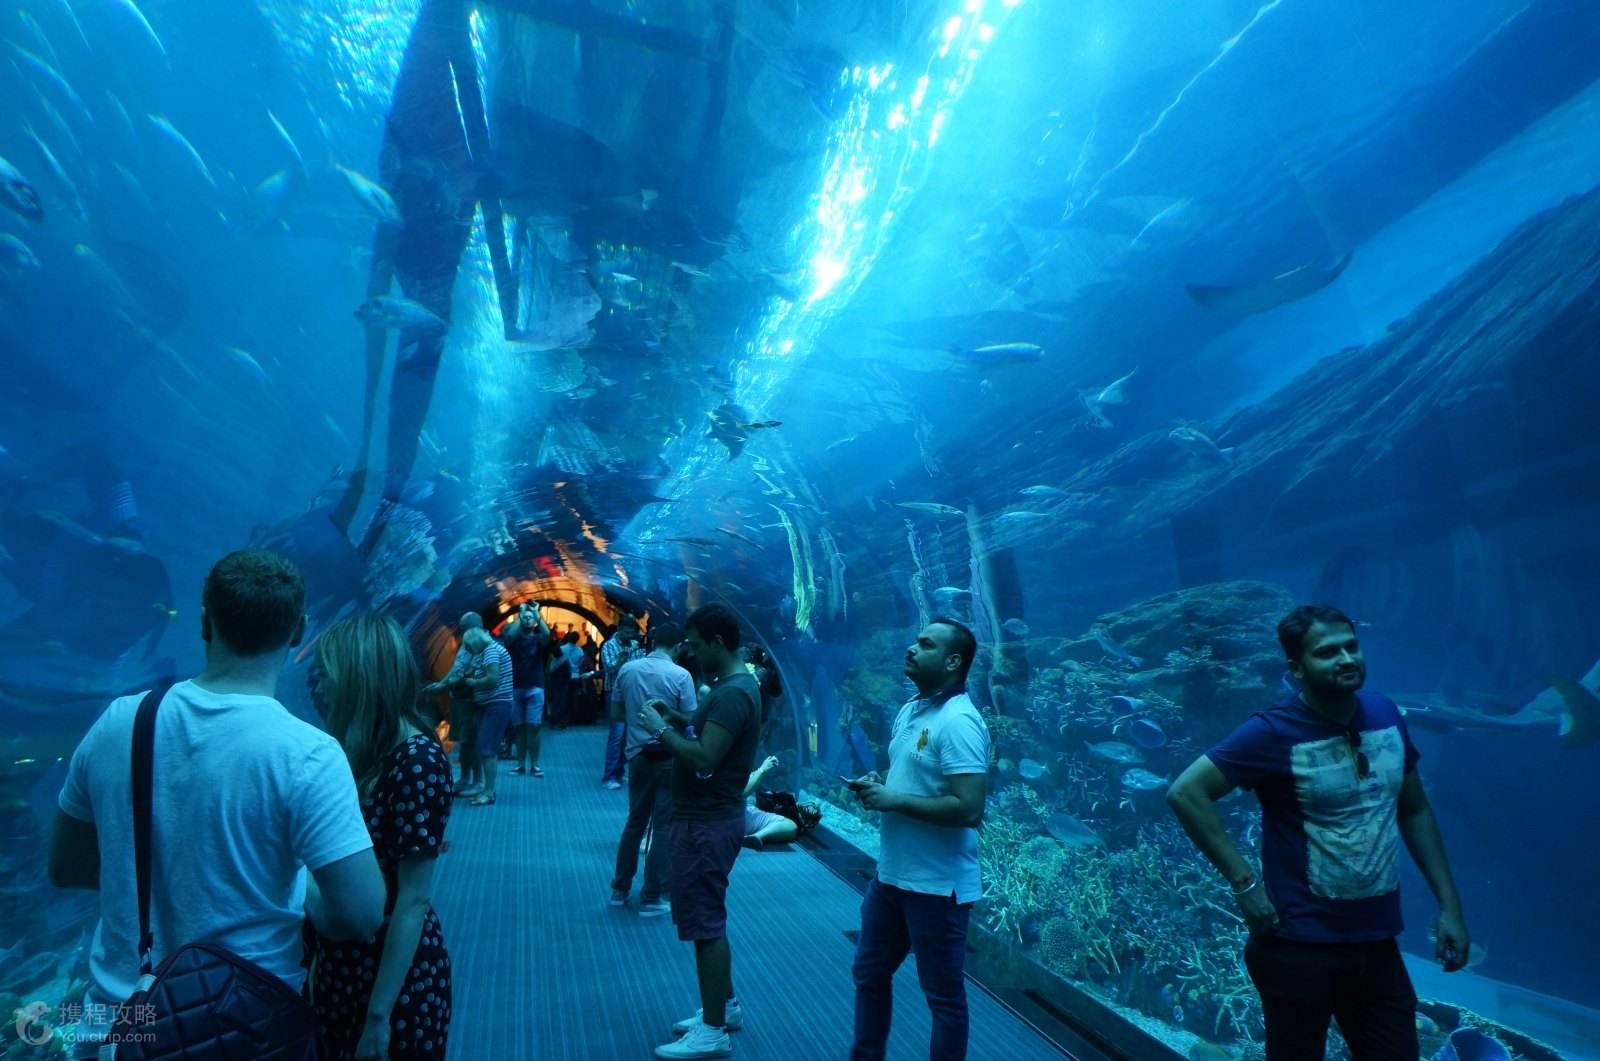 壁纸 海底 海底世界 海洋馆 水族馆 桌面 1600_1061